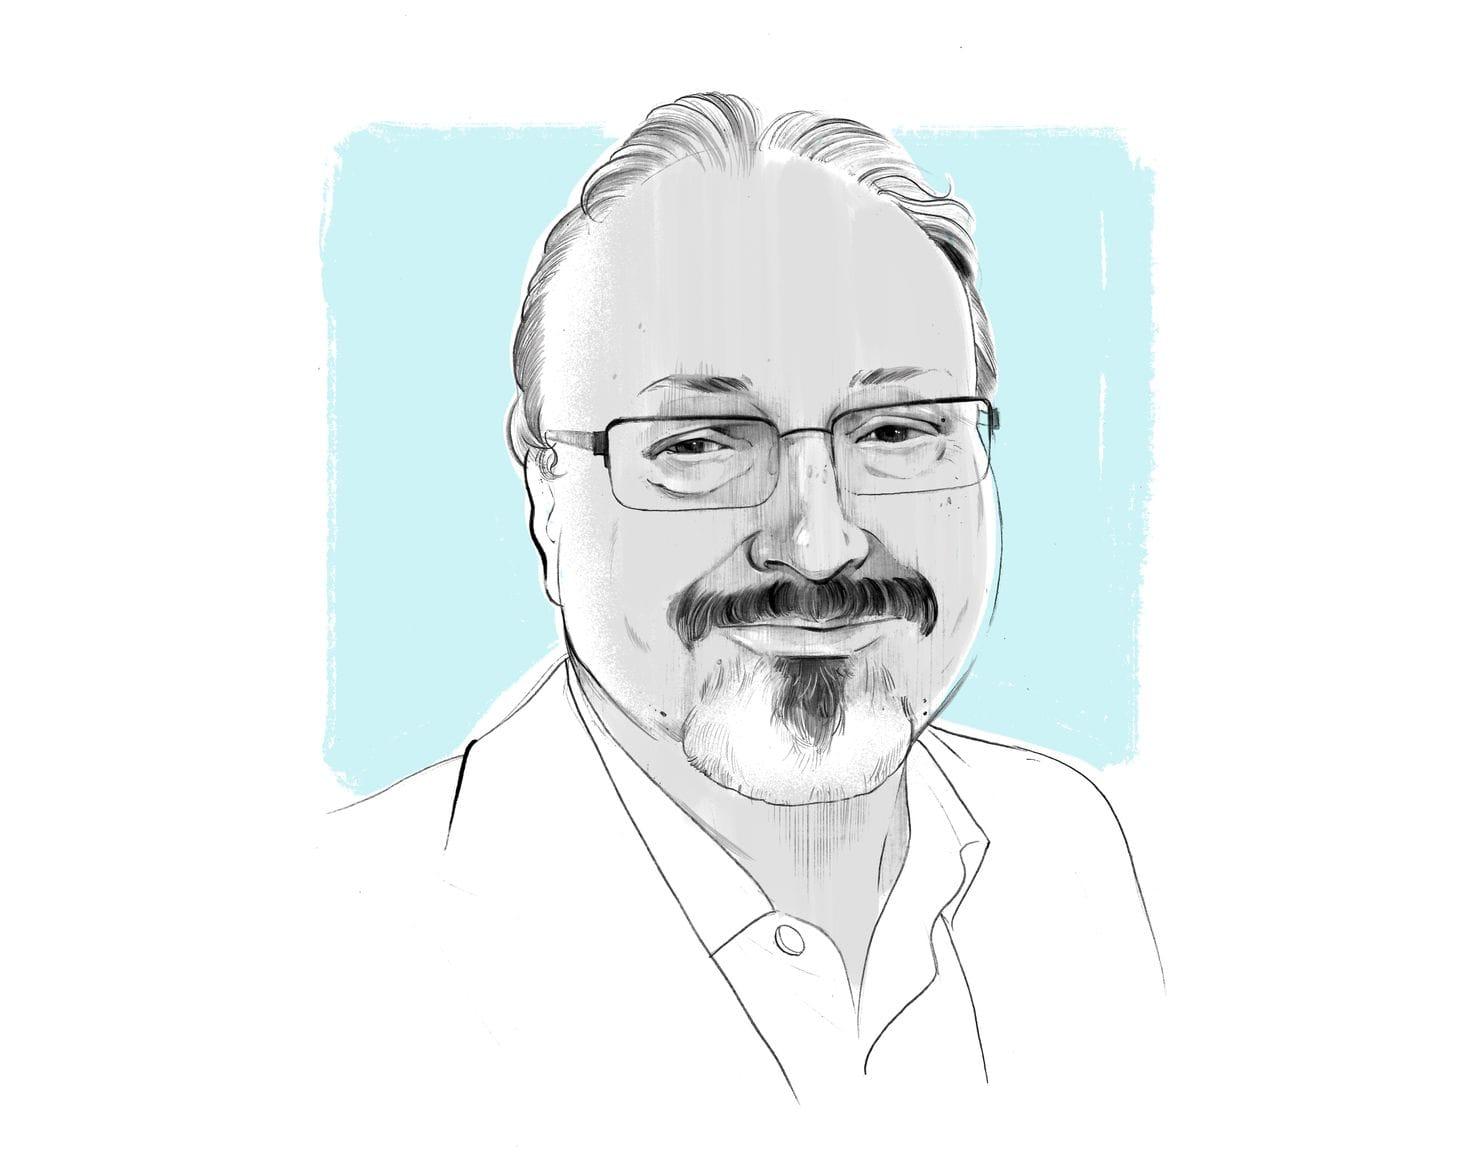 Jamal Khashoggi: What the Arab world needs most is free expression